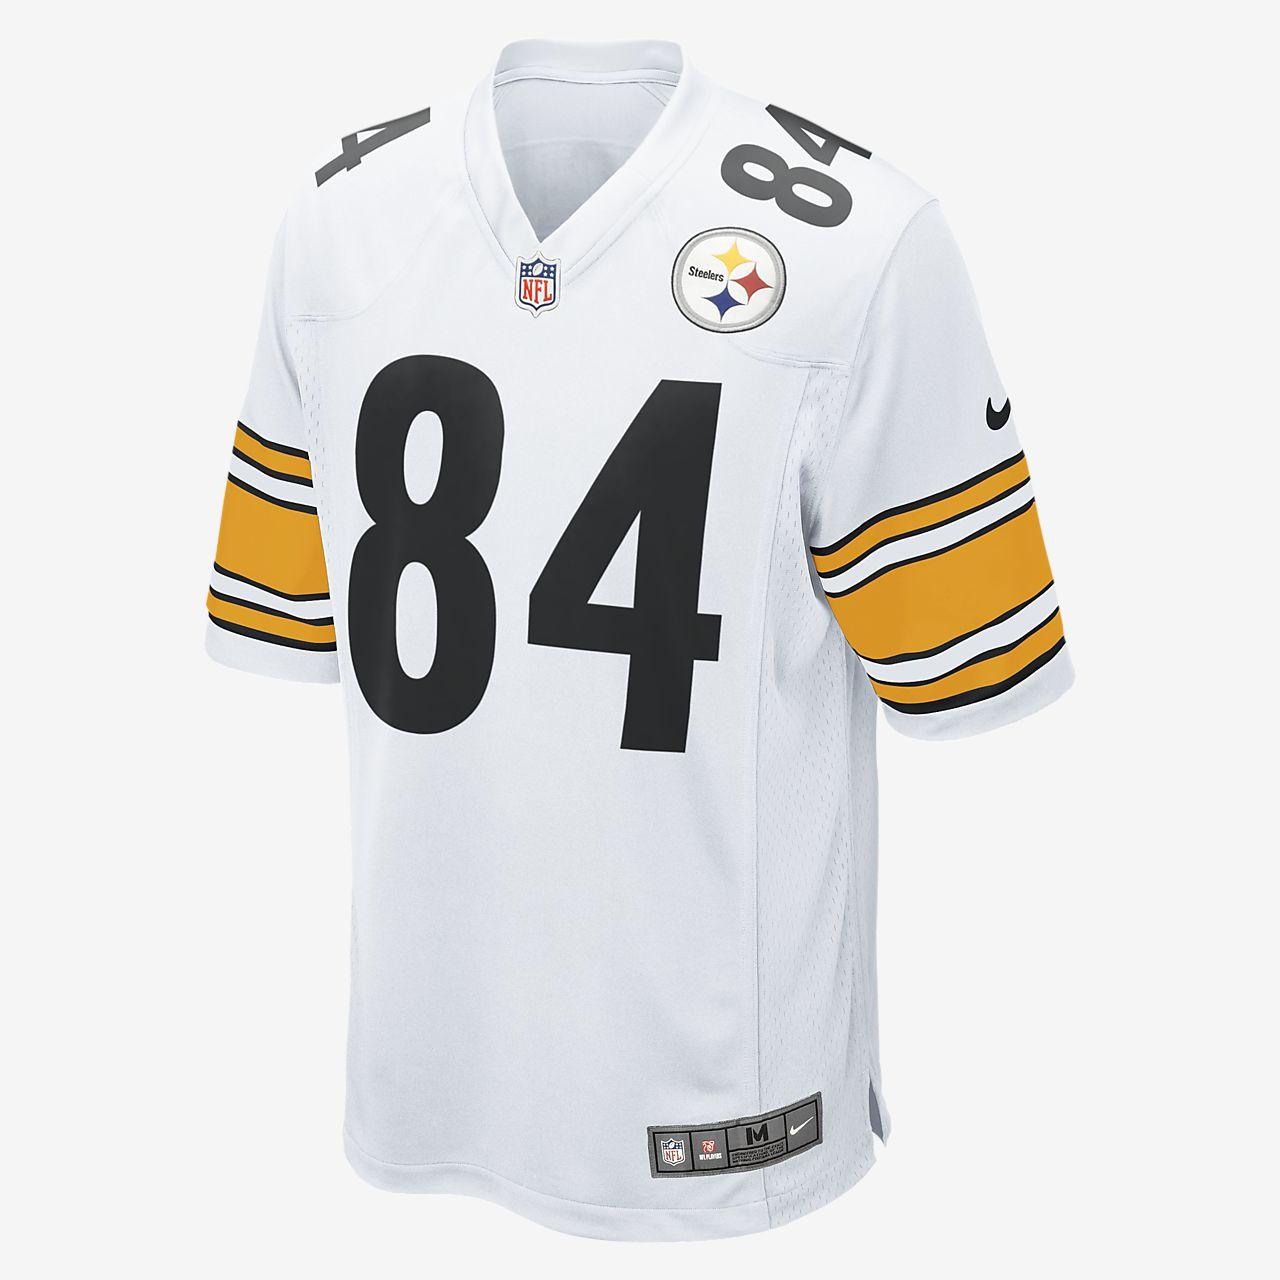 Мужское игровое джерси для американского футбола NFL Pittsburgh Steelers (Antonio Brown)